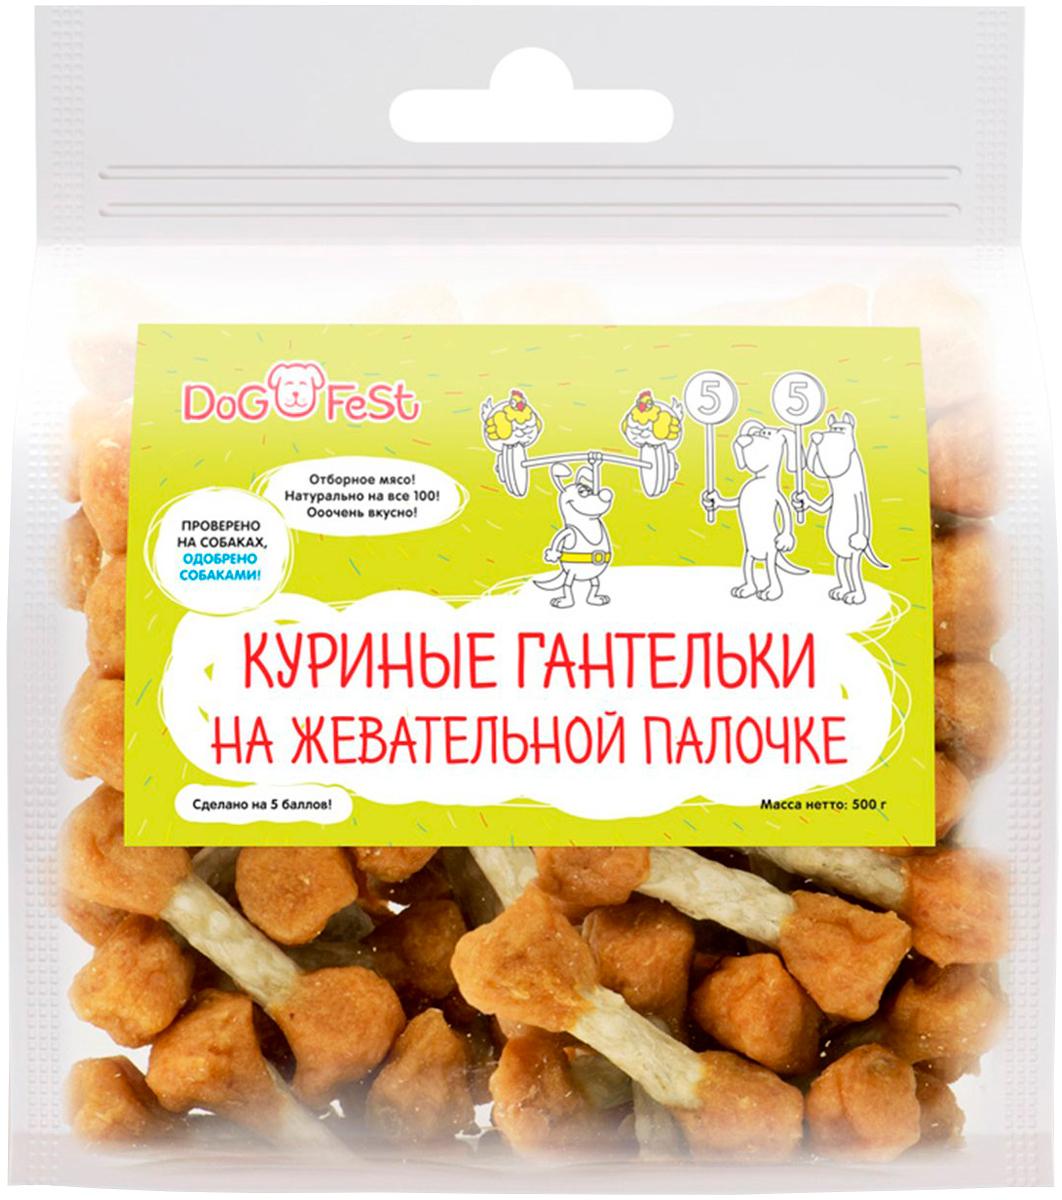 Лакомство Dog Fest для собак гантельки куриные на жевательной палочке 500 гр (1 шт)